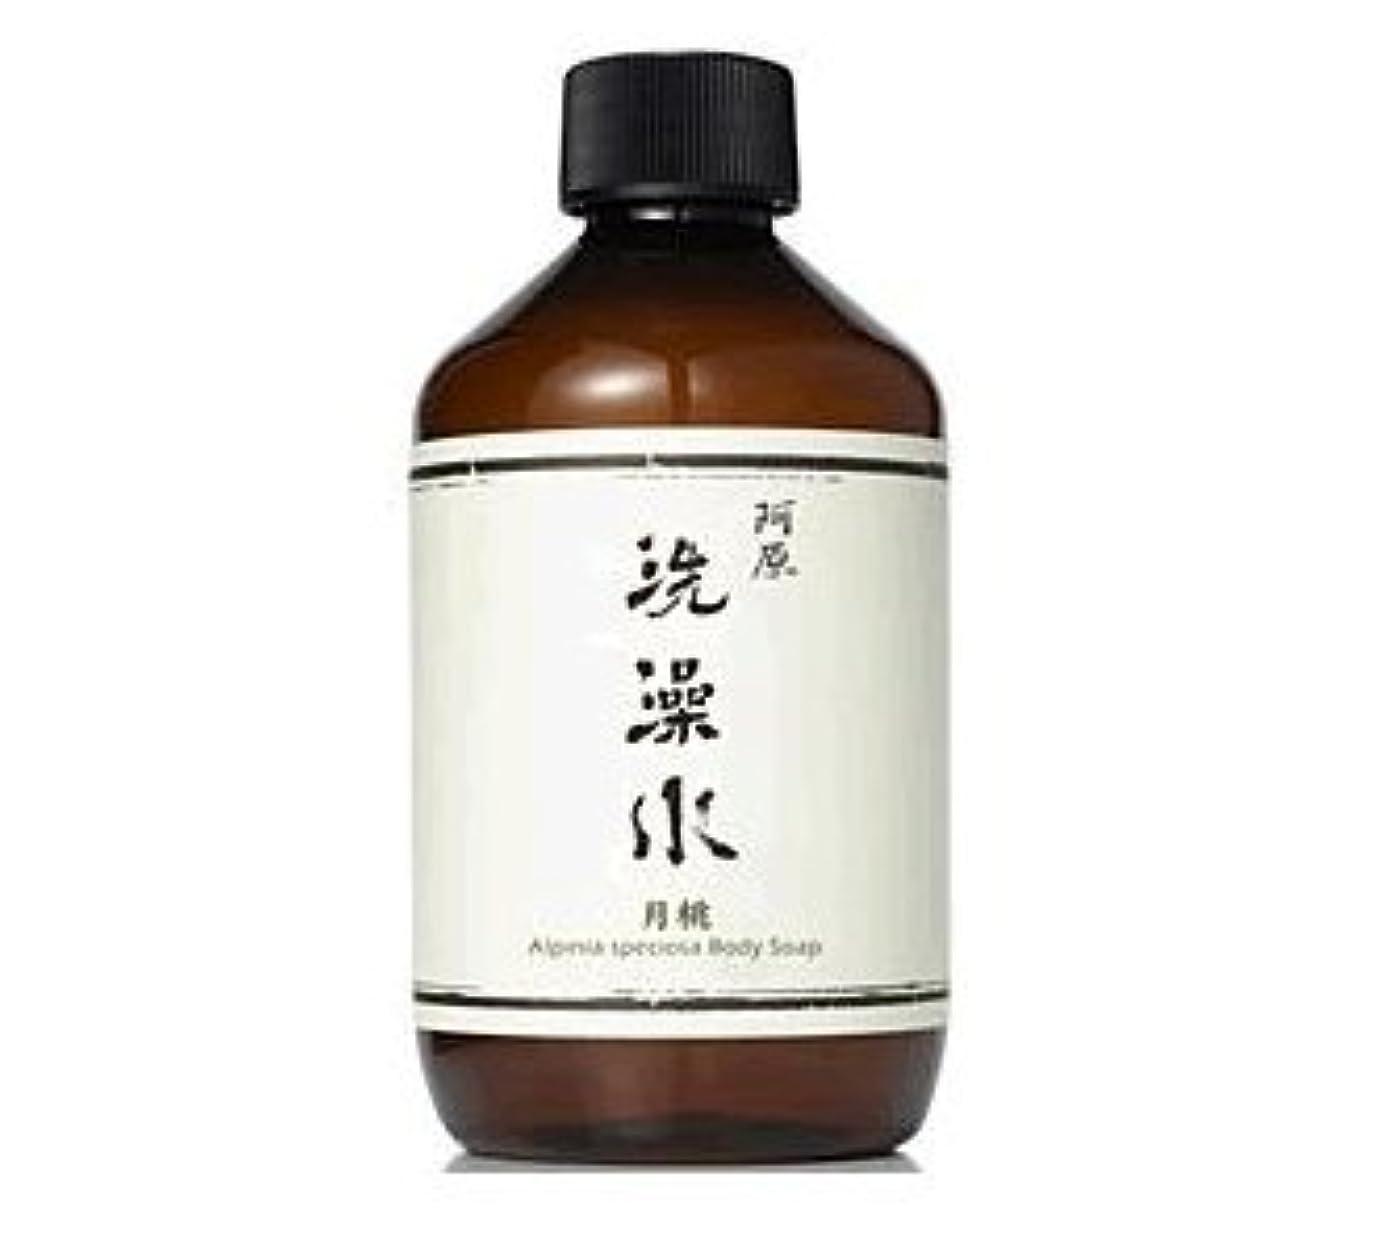 ペック香水手順ユアン(YUAN) 月桃 (ゲットウ) ボディシャンプー 250ml (阿原 ボディソープ)